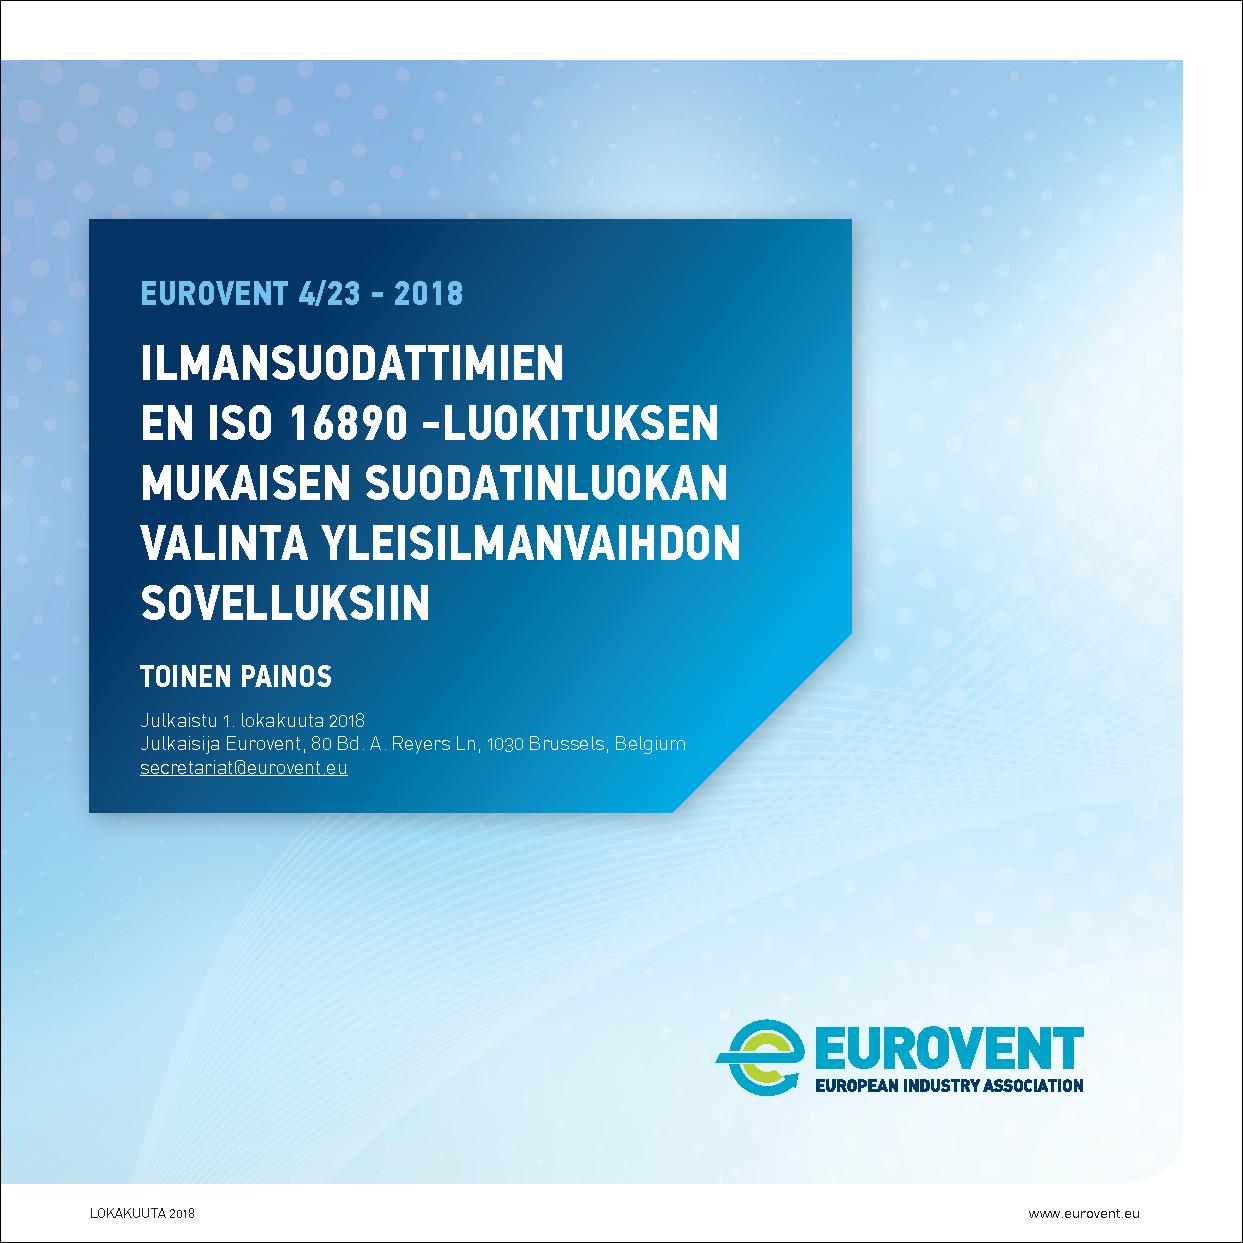 Eurovent 4/23 - 2018: Ilmansuodattimien EN ISO 16890 -Luokituksen Mukaisen Suodatinluokan Valinta Yleisilmanvaihdon Sovelluksiin - Toinen painos